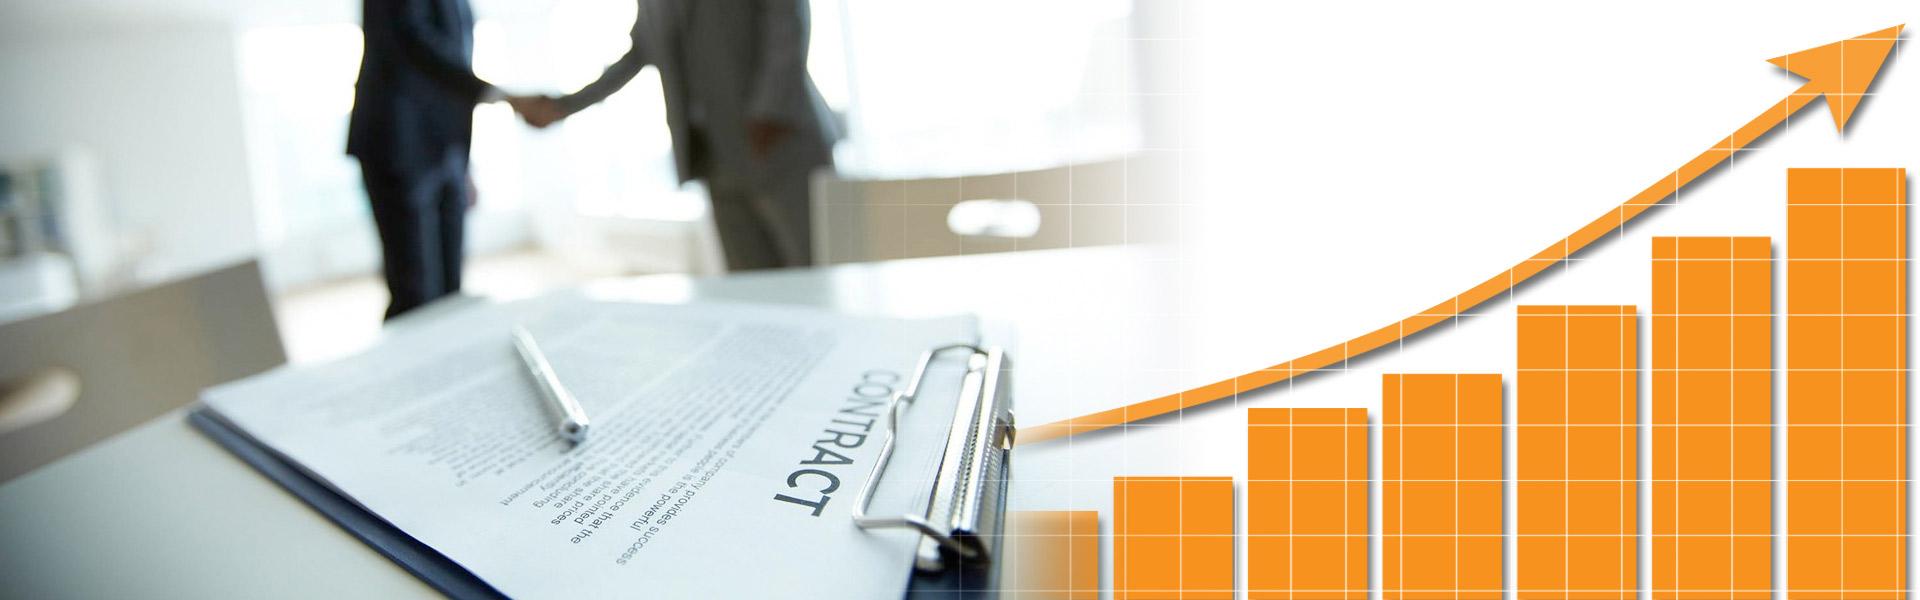 IPL SHR Geräte Kauf und Finanzierung